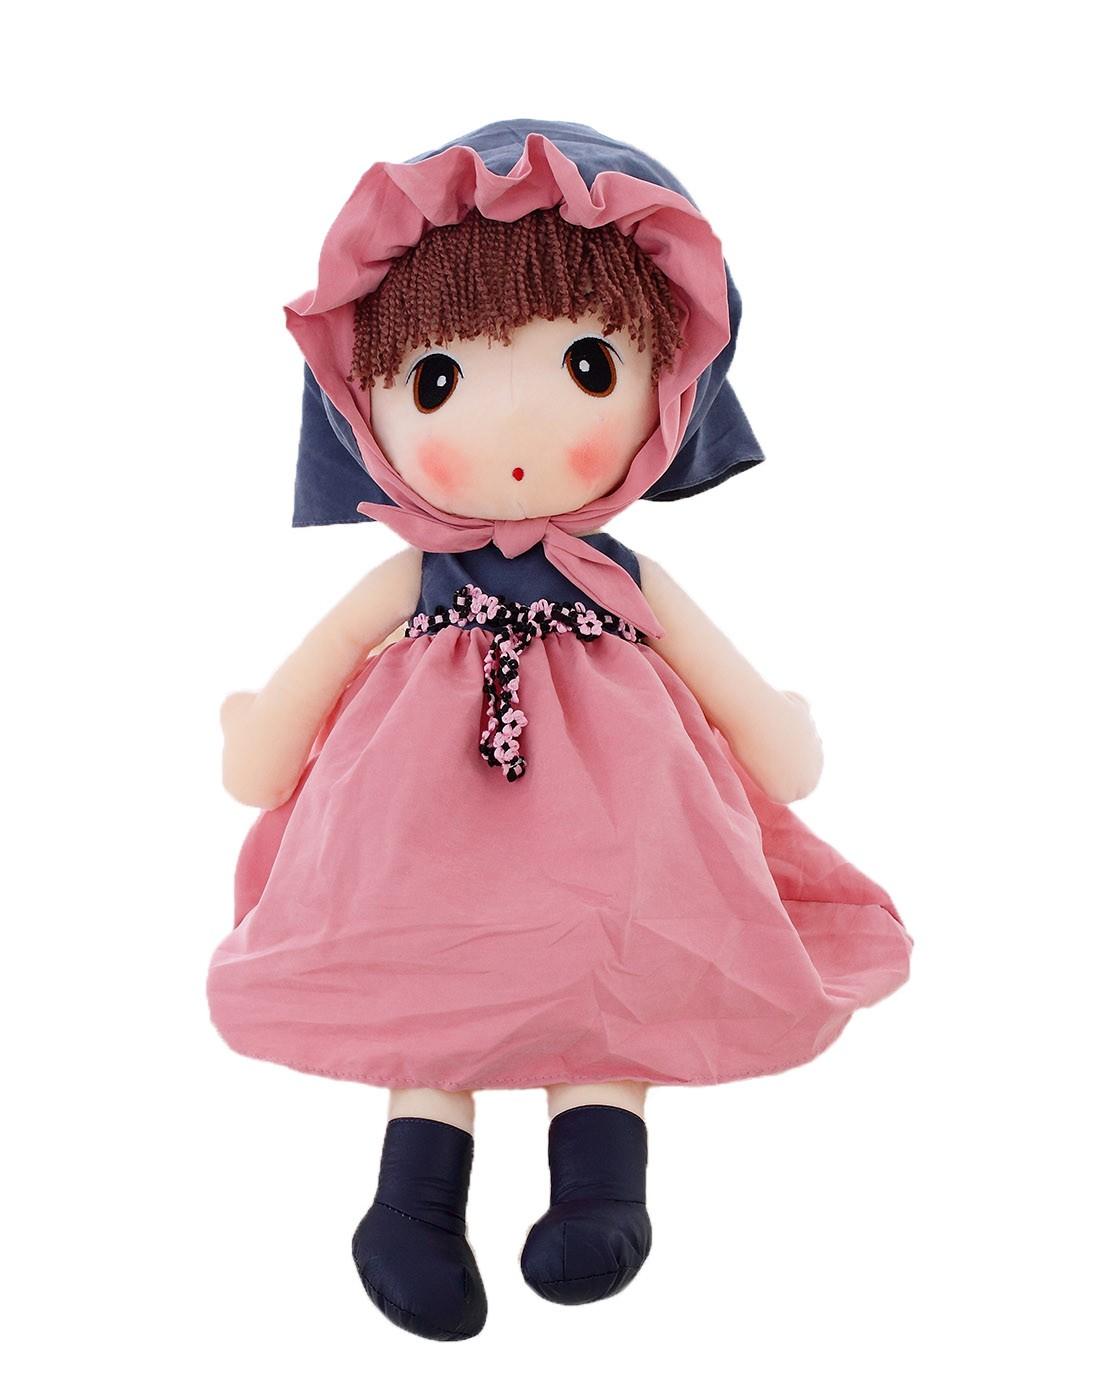 动漫卡通毛绒玩具专场(新款)可爱童话版洋娃娃-粉红